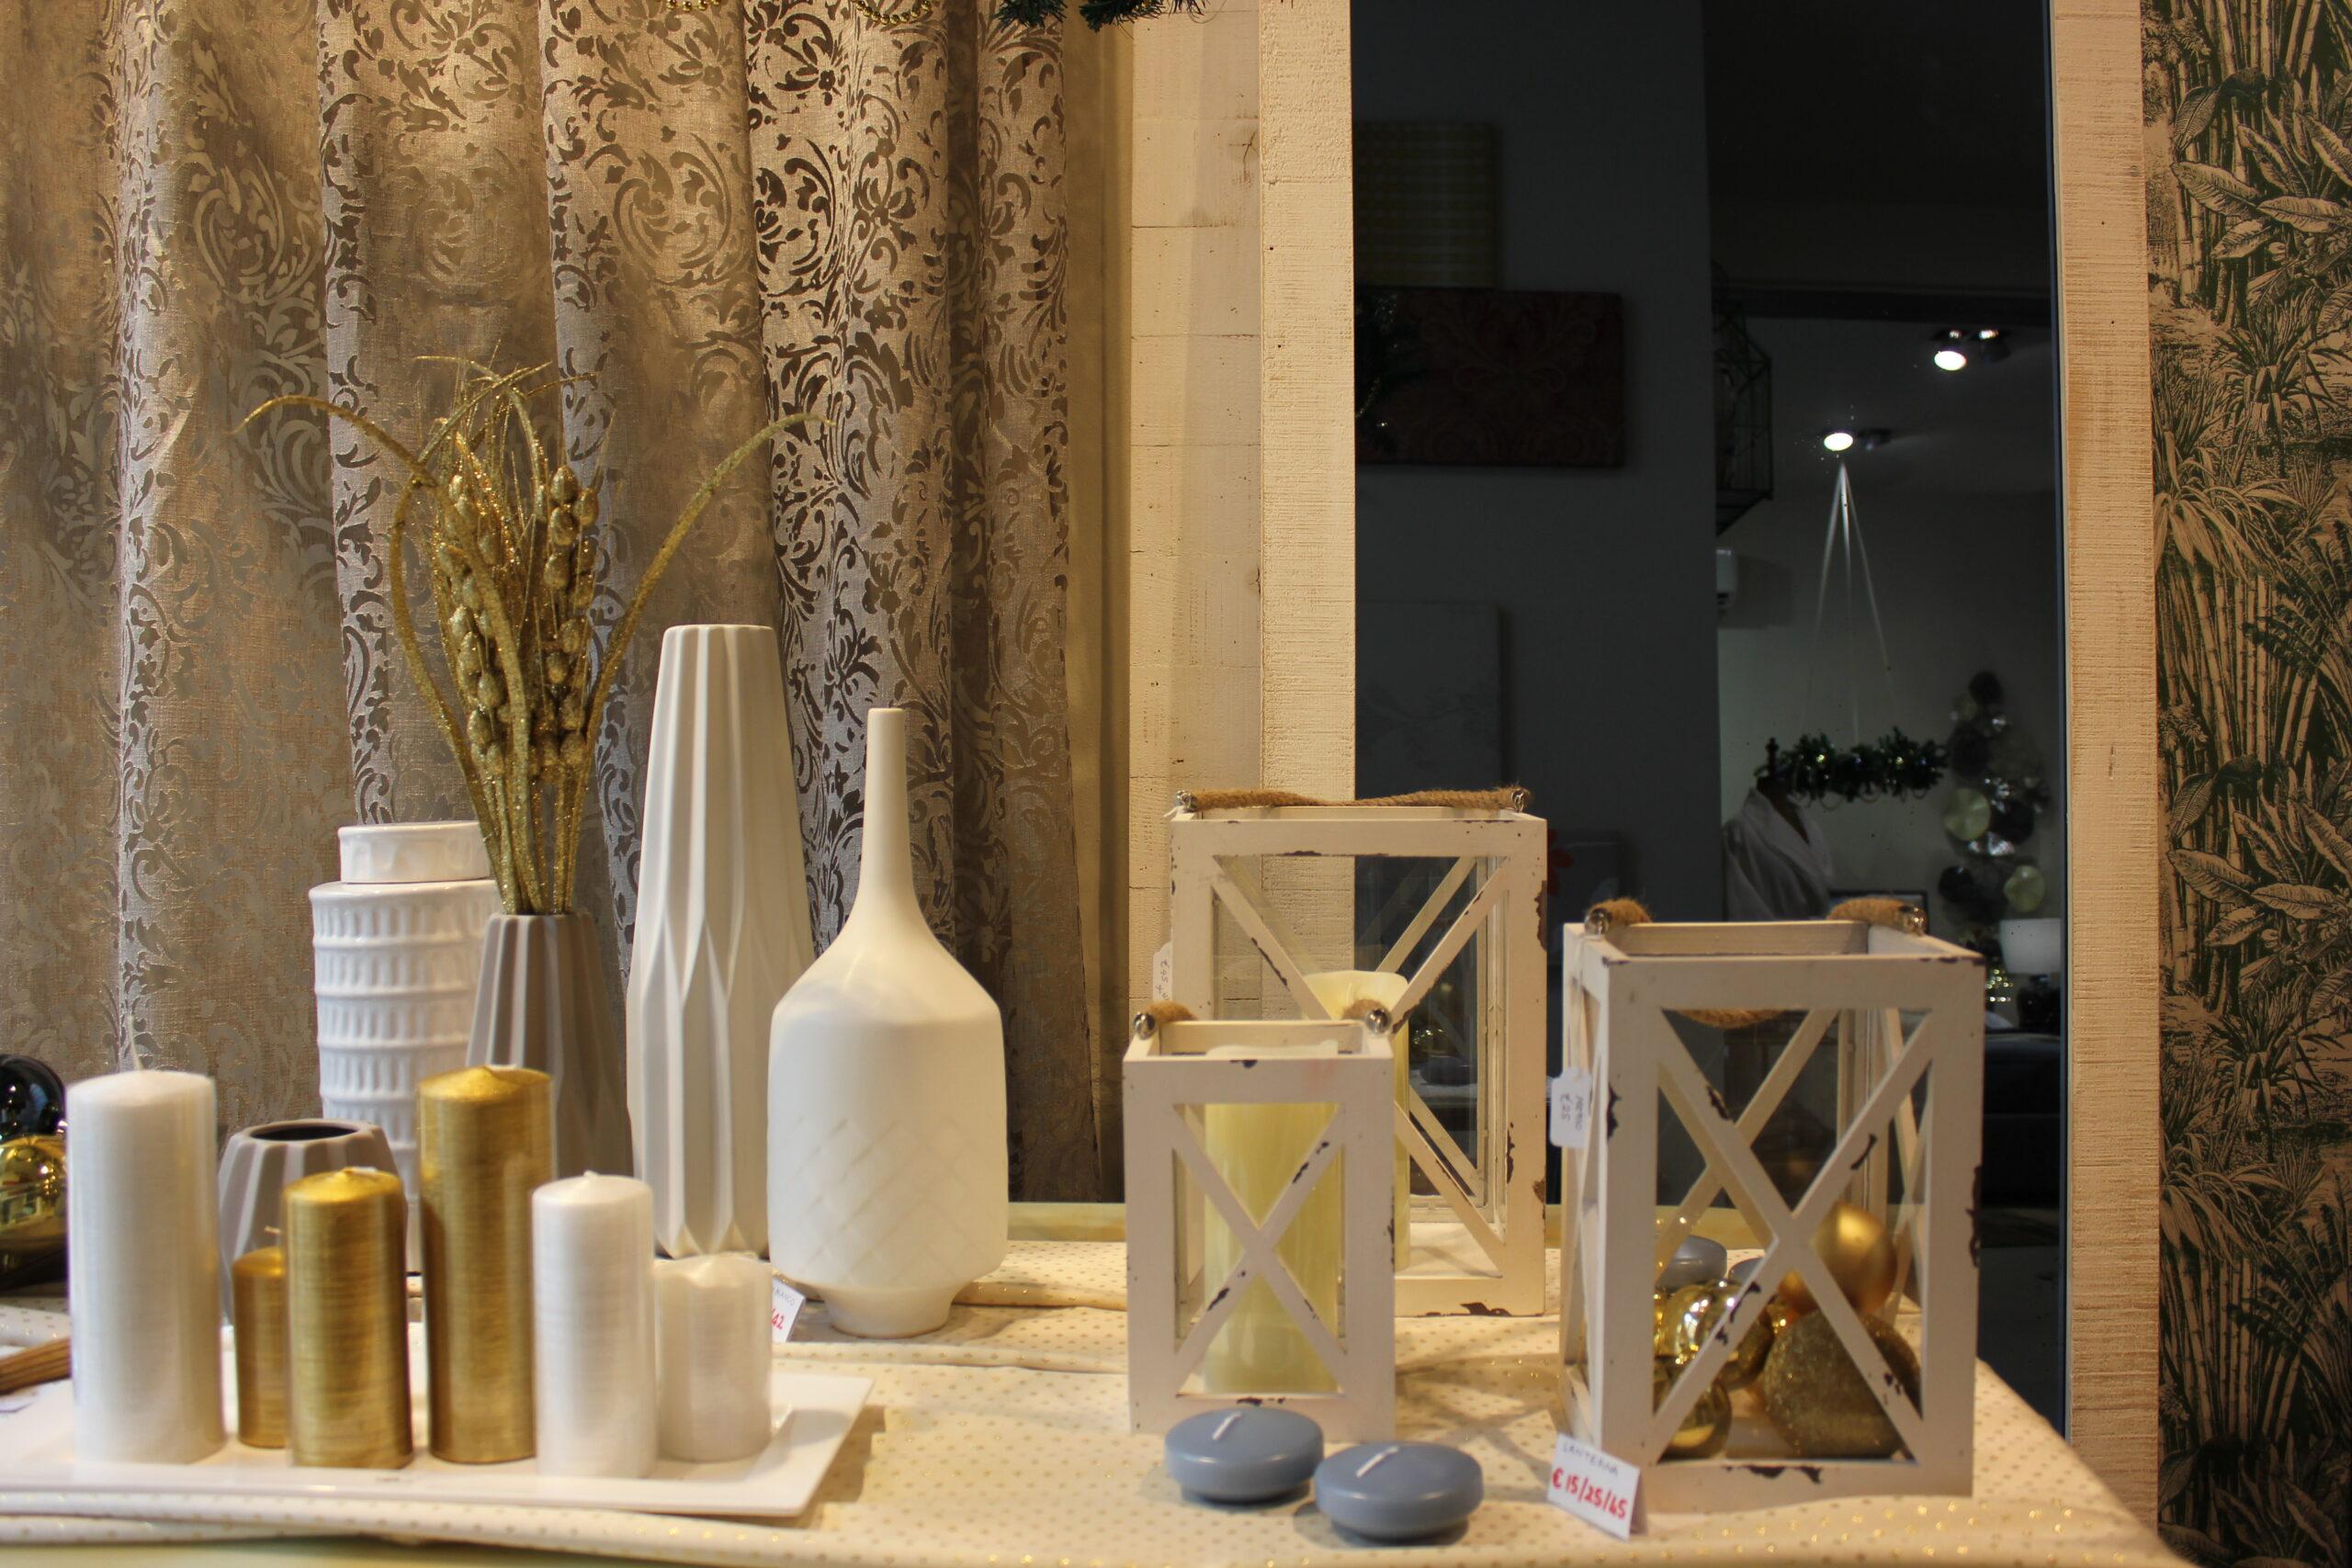 Vibo-vasi-bianchi-candele-lanterne